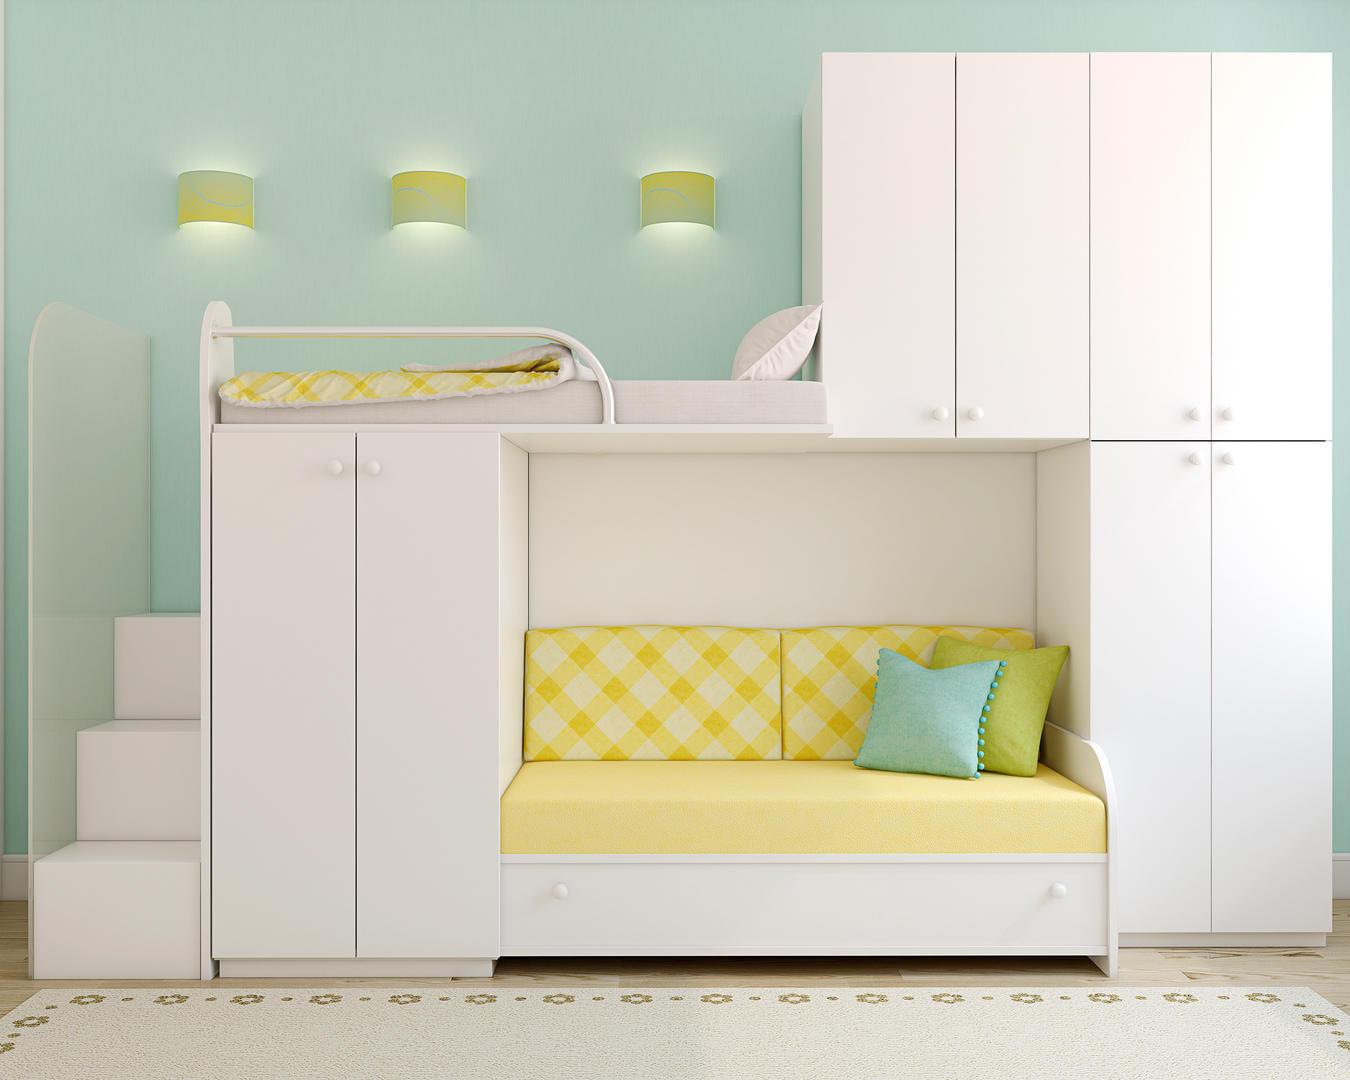 Stauraum Für Spielsachen, Freiraum Zum Toben Und Spielen, Arbeitsraum Für  Hobby Und Hausaufgaben U2013 Ein Kinderzimmer Hat Viele Anforderungen Zu  Erfüllen.